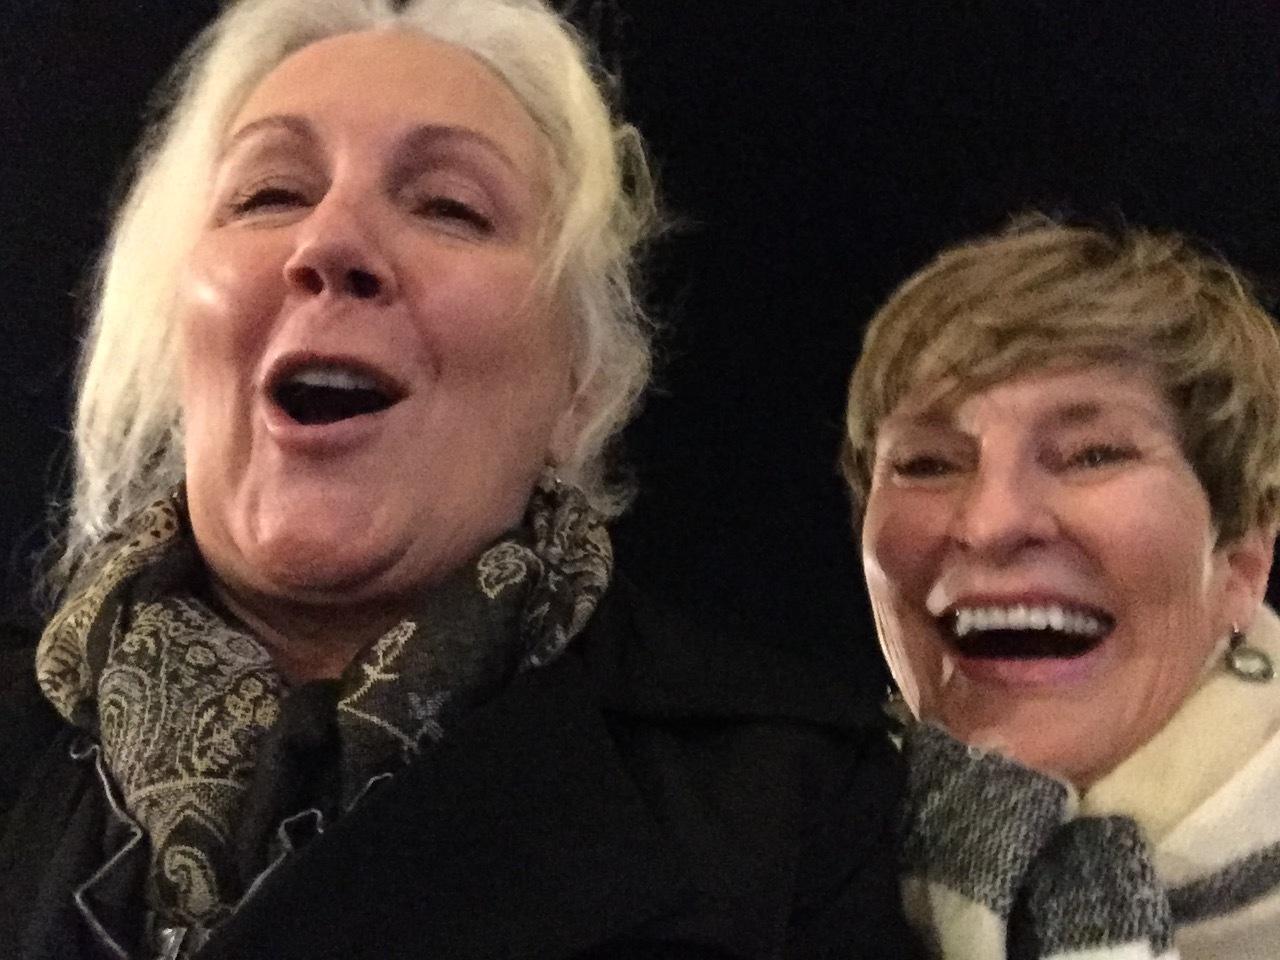 lelan and me laughing.JPG